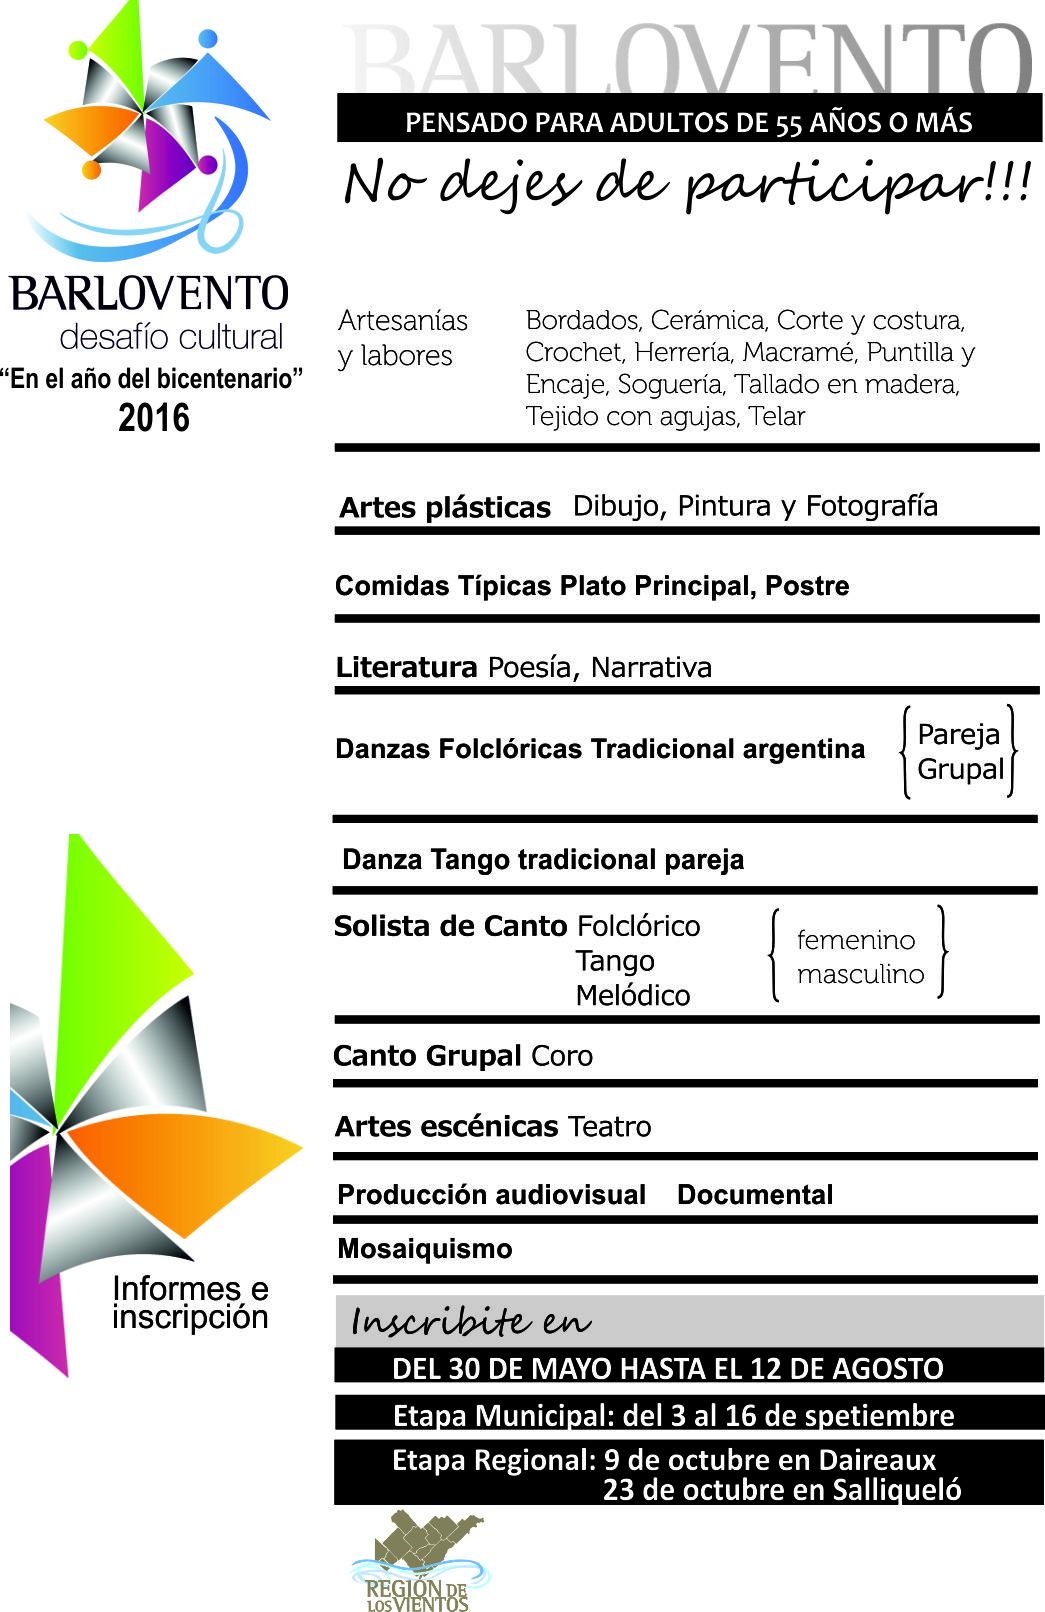 Se extiende el plazo de inscripción para Barlovento, un Desafío Cultural